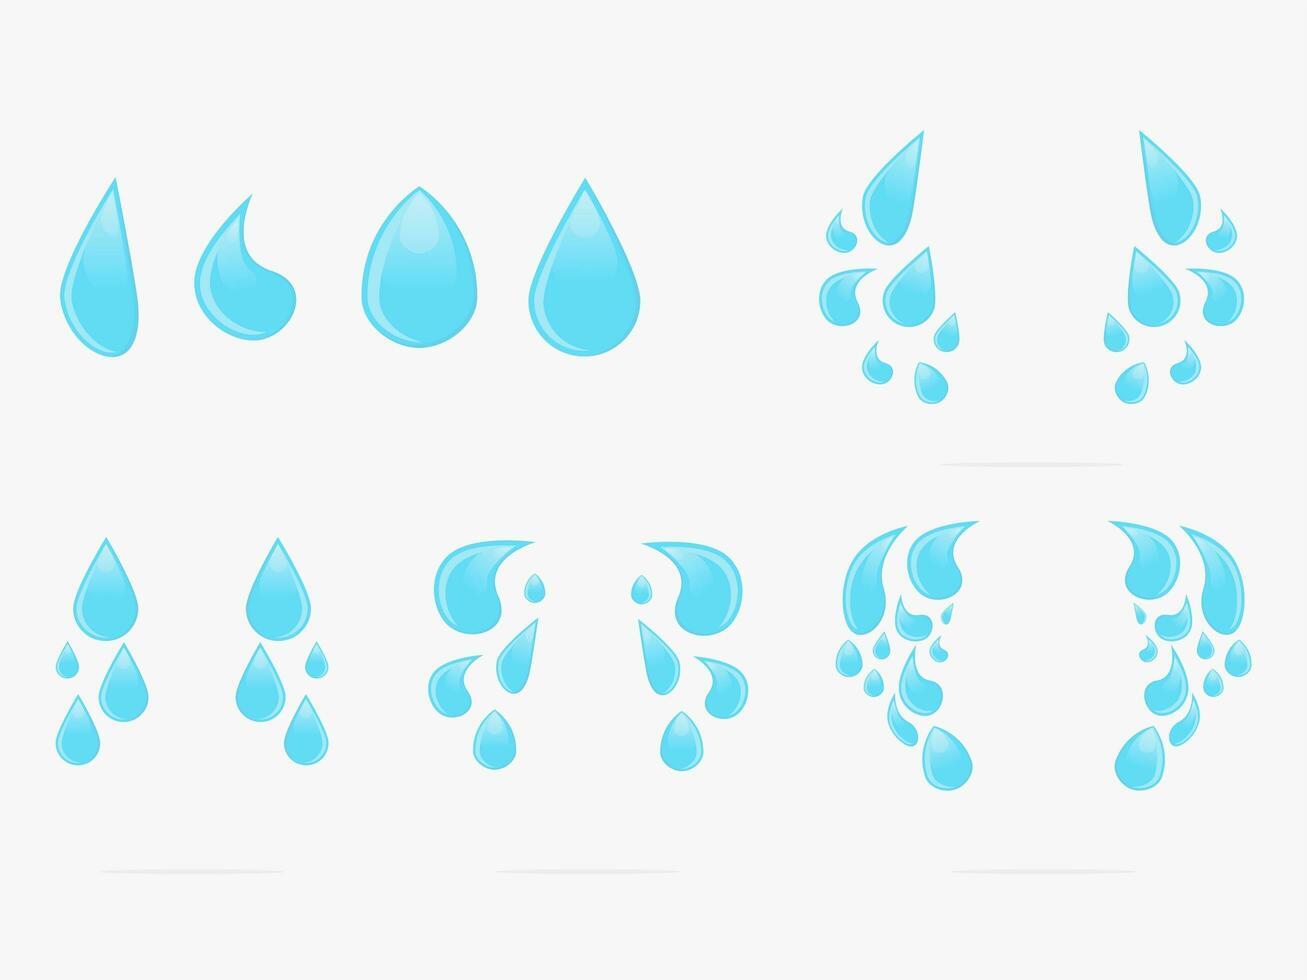 ensemble de gouttes d'eau vecteur